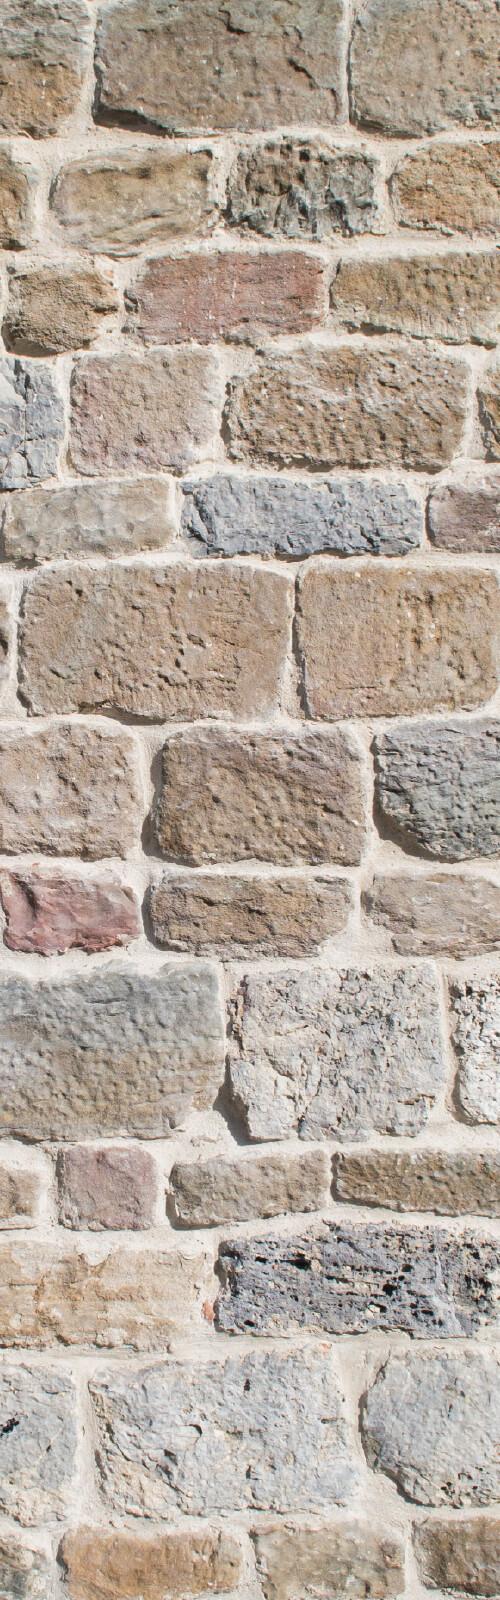 Phase Italia - Restauro Lapideo - Consolidamento e Preconsolidamento - Vista muratura storica